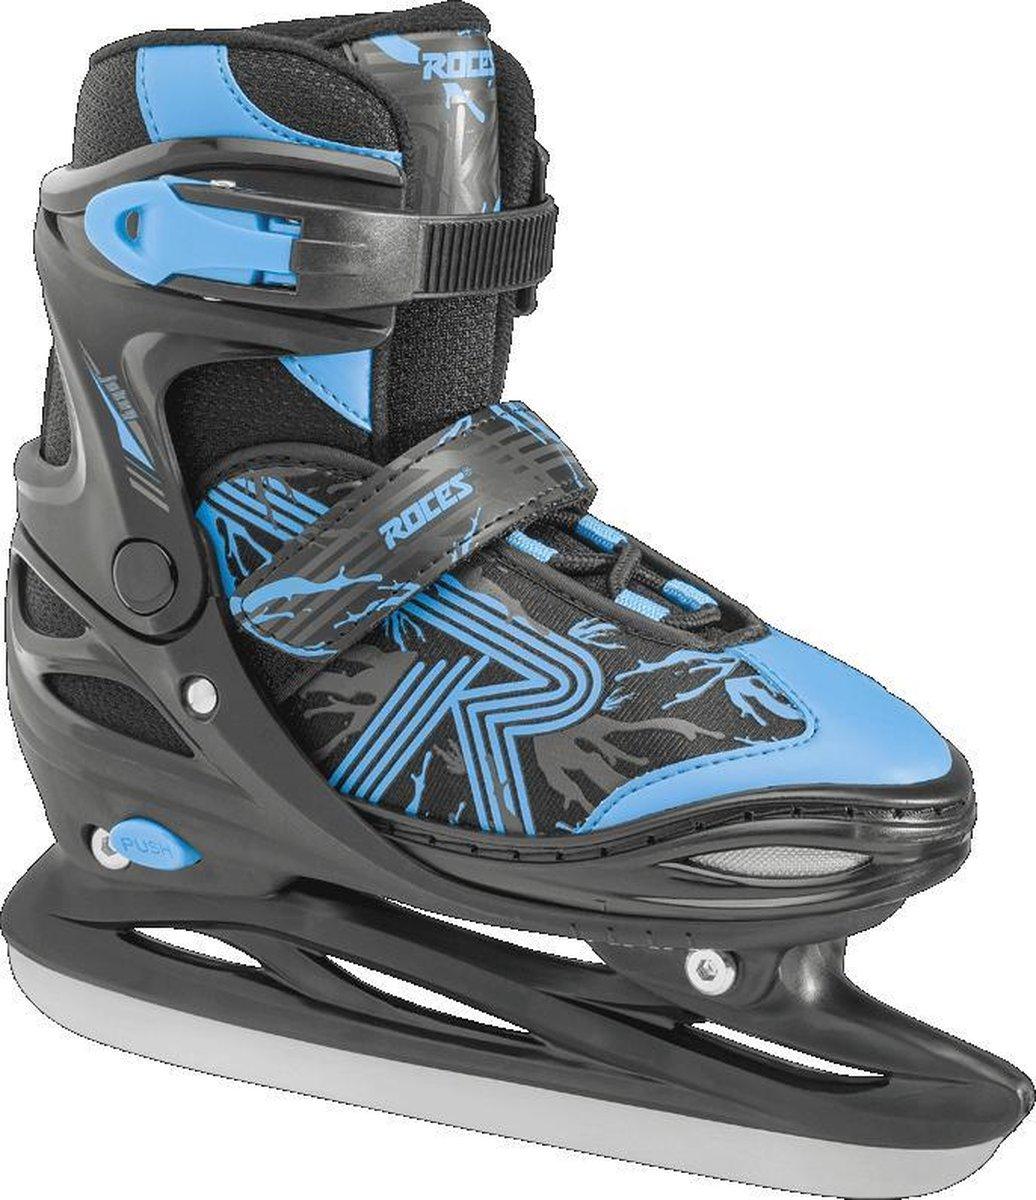 Roces - Jokey ice 2.0 - Verstelbare Schaatsen - Maat 30-33 - Zwart - Blauw - IJshockeyschaats voor kinderen